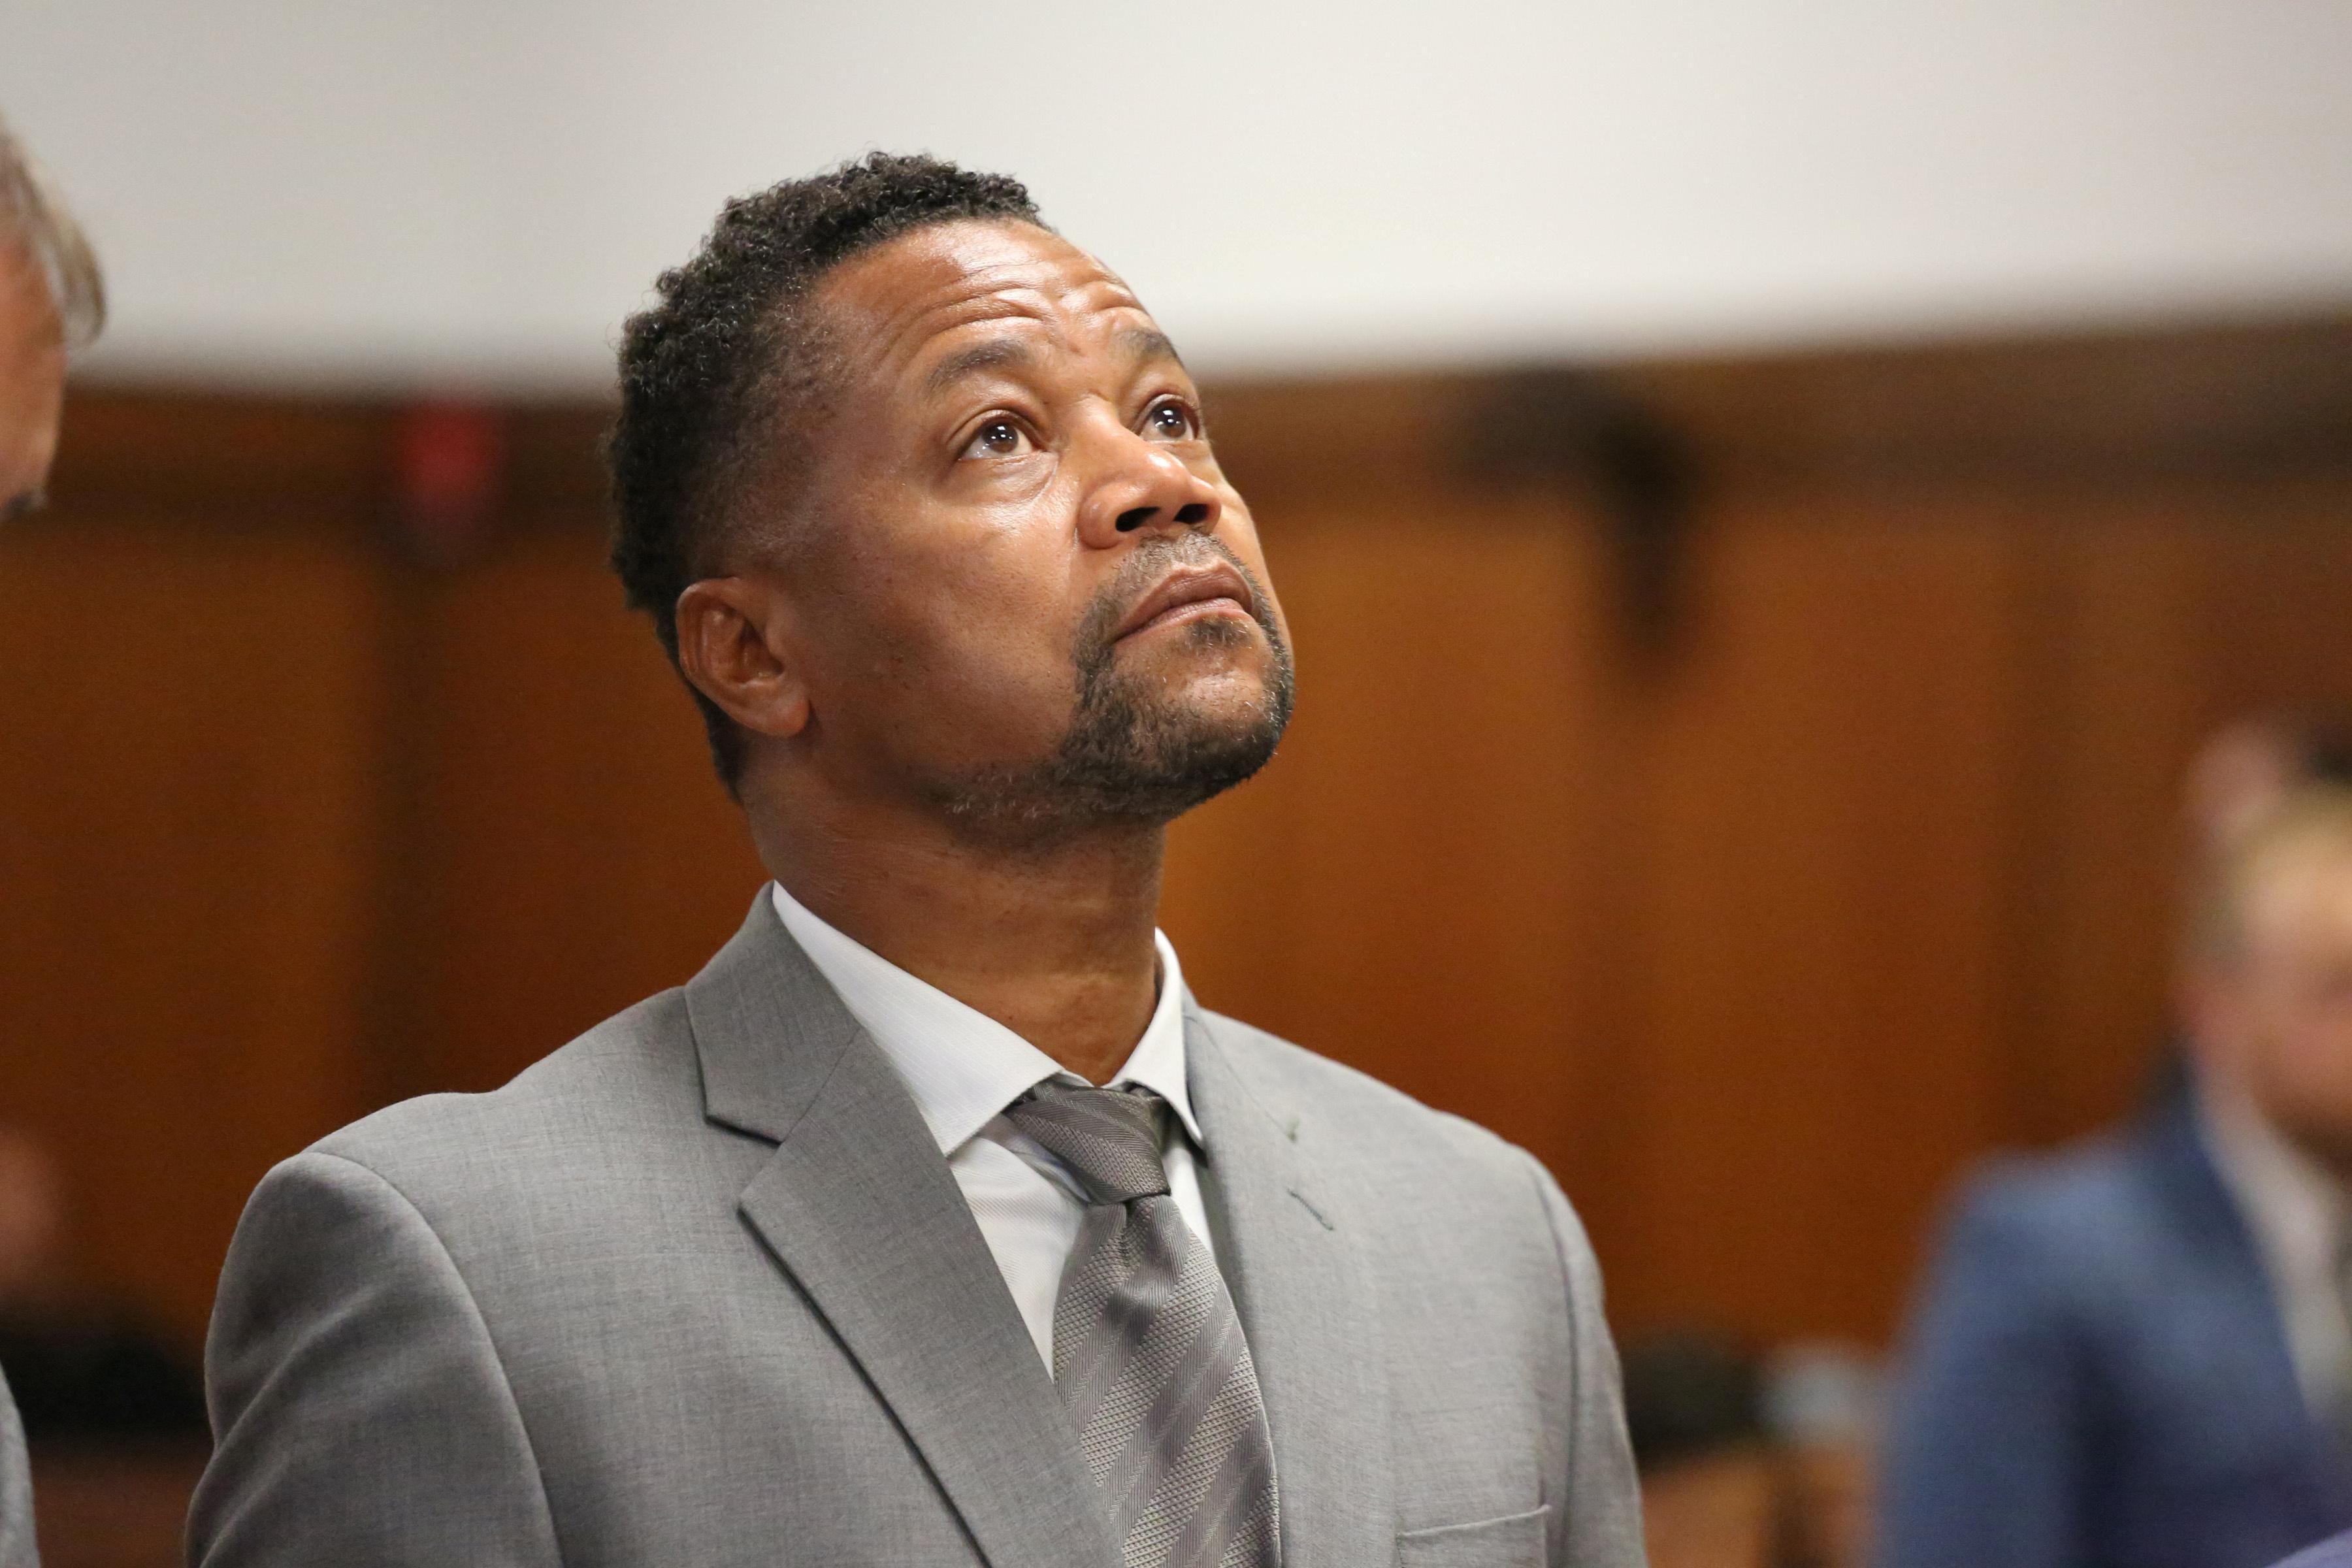 Trial of actor Cuba Gooding Jr gets October date in groping case